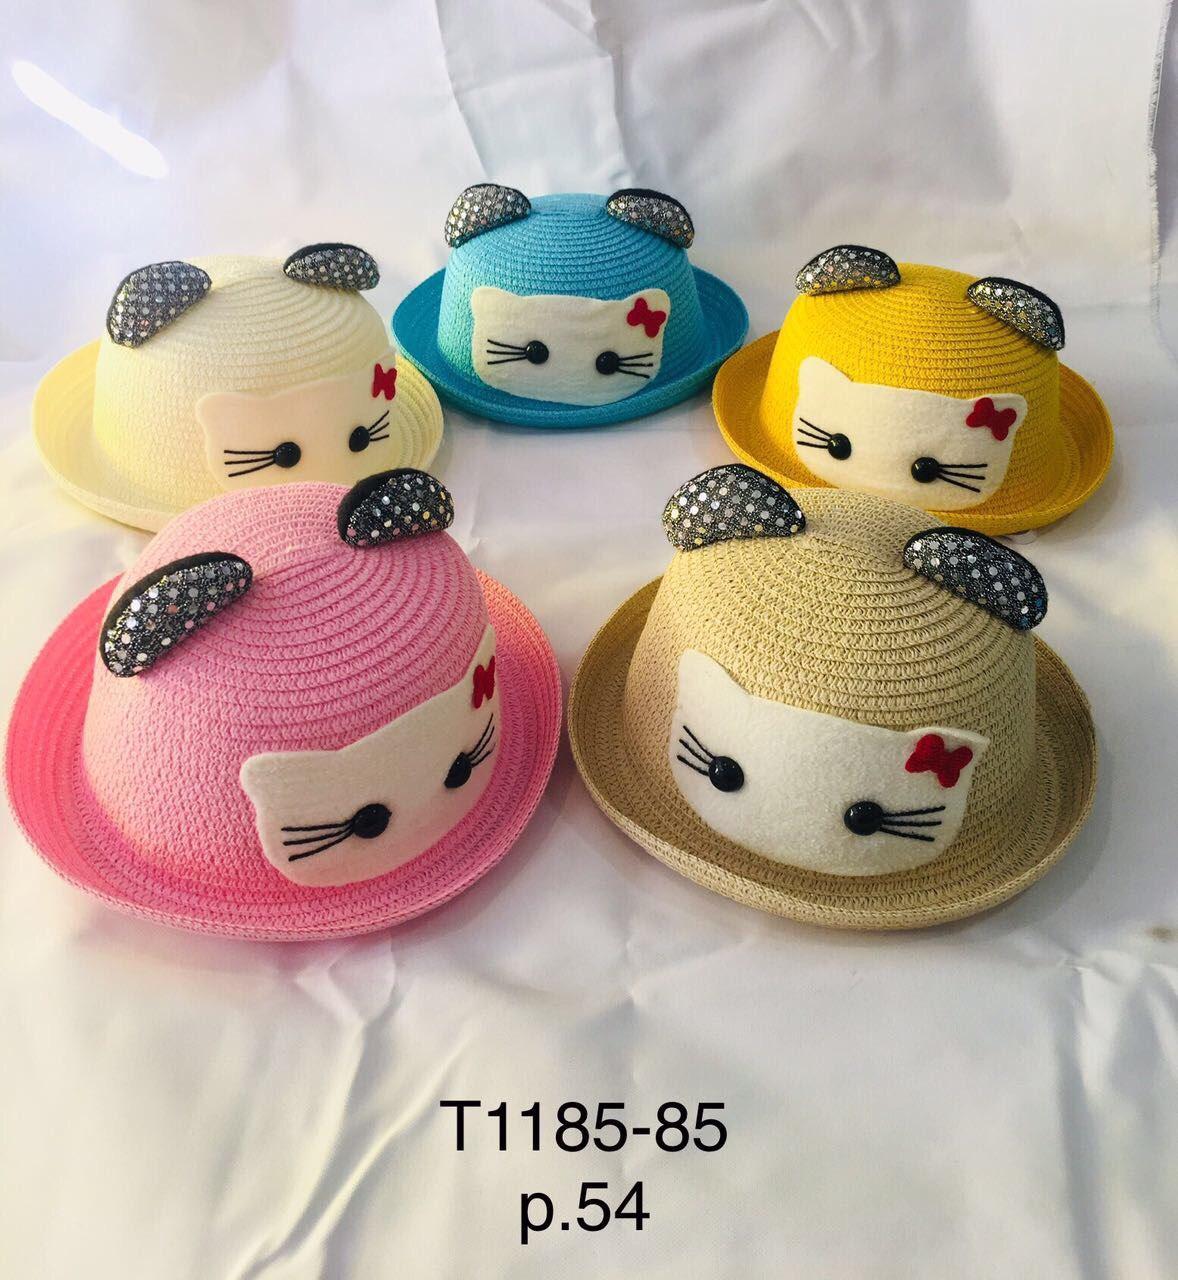 Річна капелюх для дівчинки з вушками Кітті р. 54 оптом